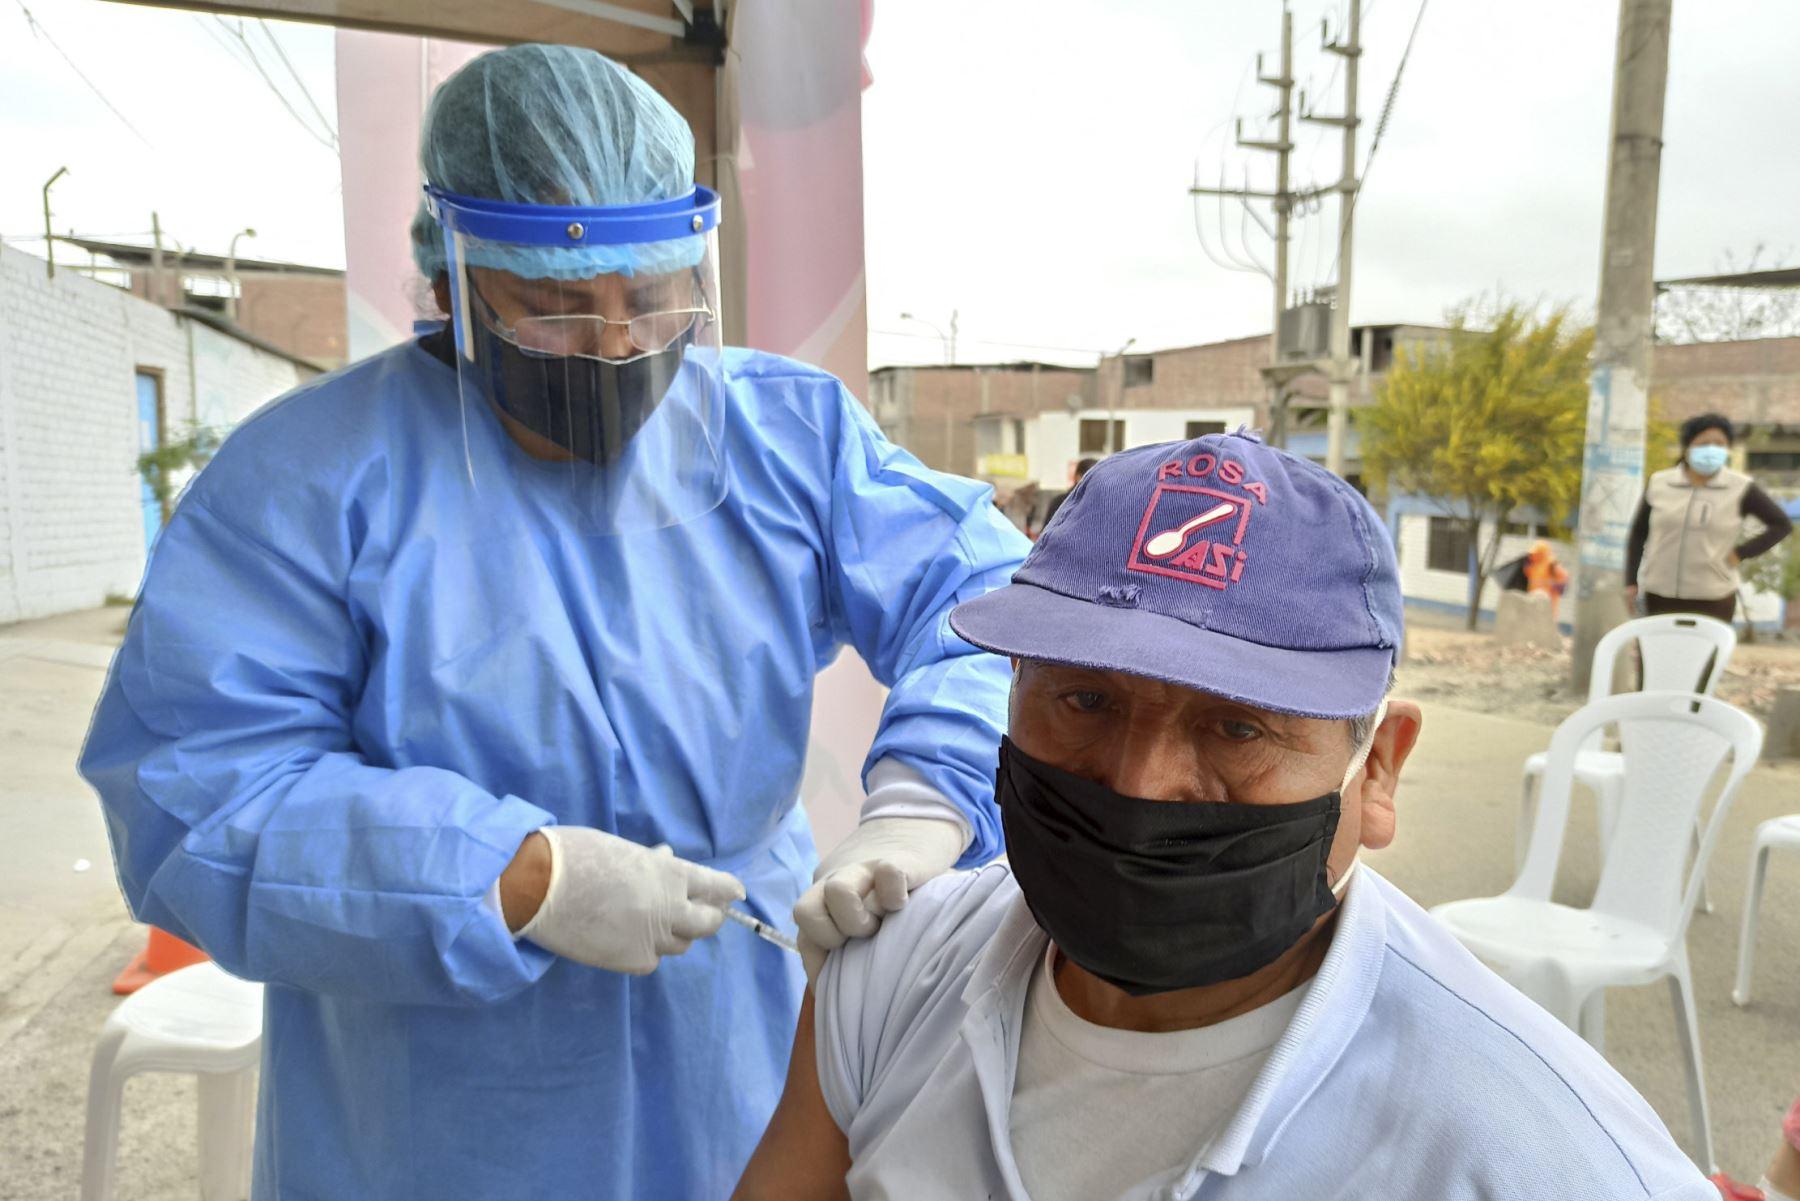 Minsa brinda atención médica integral en varios distritos de Lima. Se realizaron descartes de covid-19, anemia, TBC, vacunación, consejería nutricional, entre otros servicios. Foto: Minsa